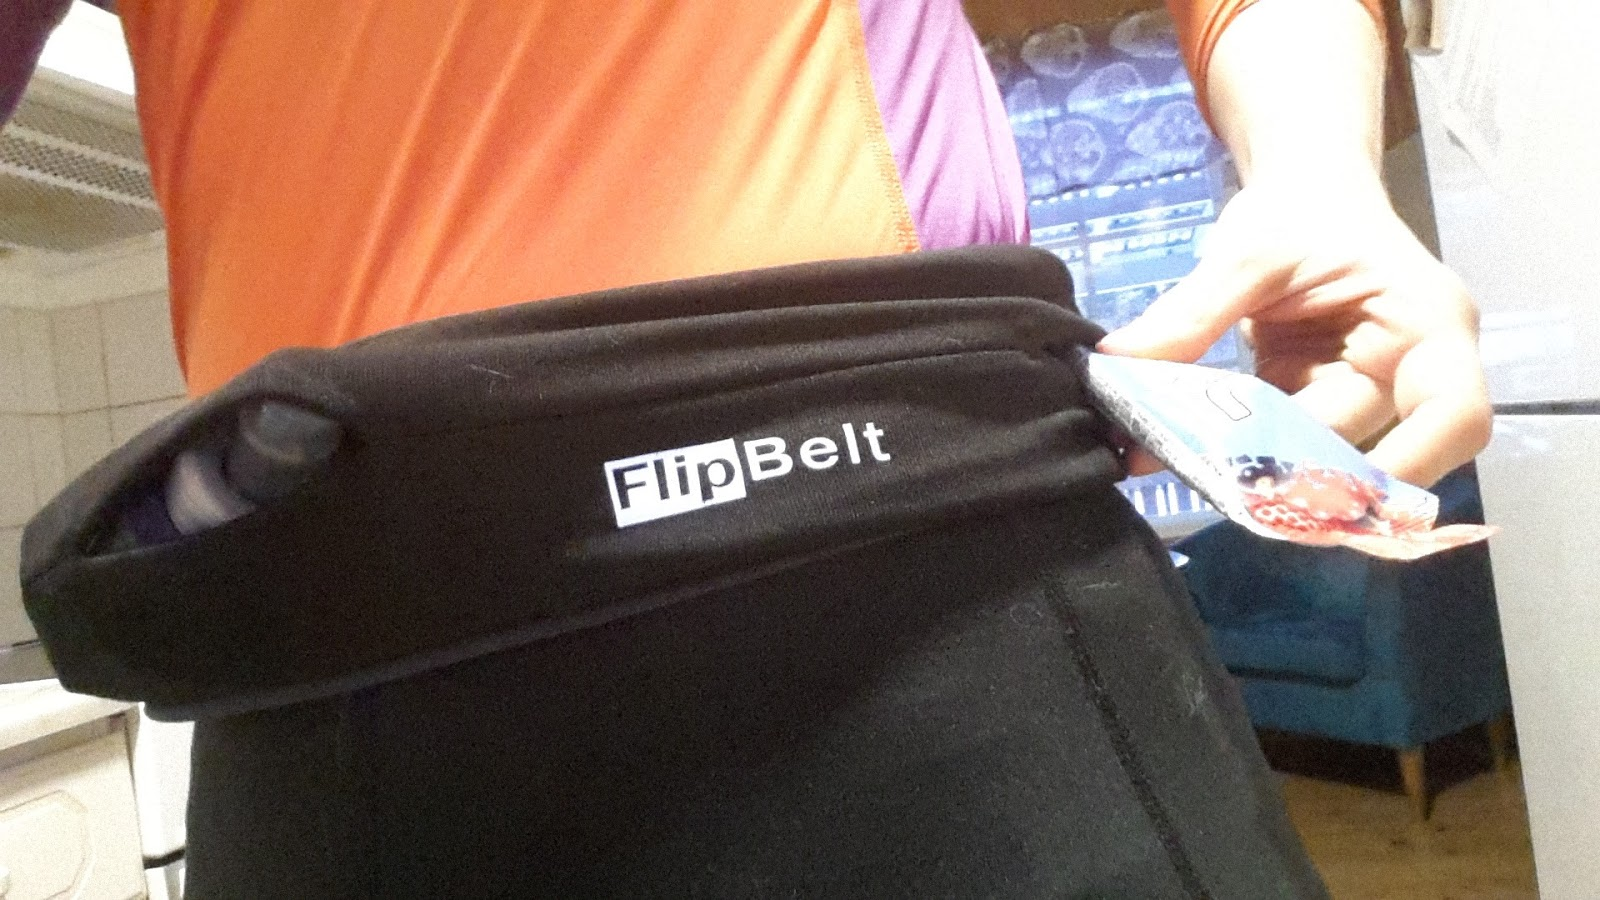 Flipbelt on tuollainen vyötärömakkara joka pujotetaan päälle ylä- tai  alakautta. Se ei hölsky kuten erilaiset juomavyöt tuppaavat tekemään 67adf919ce